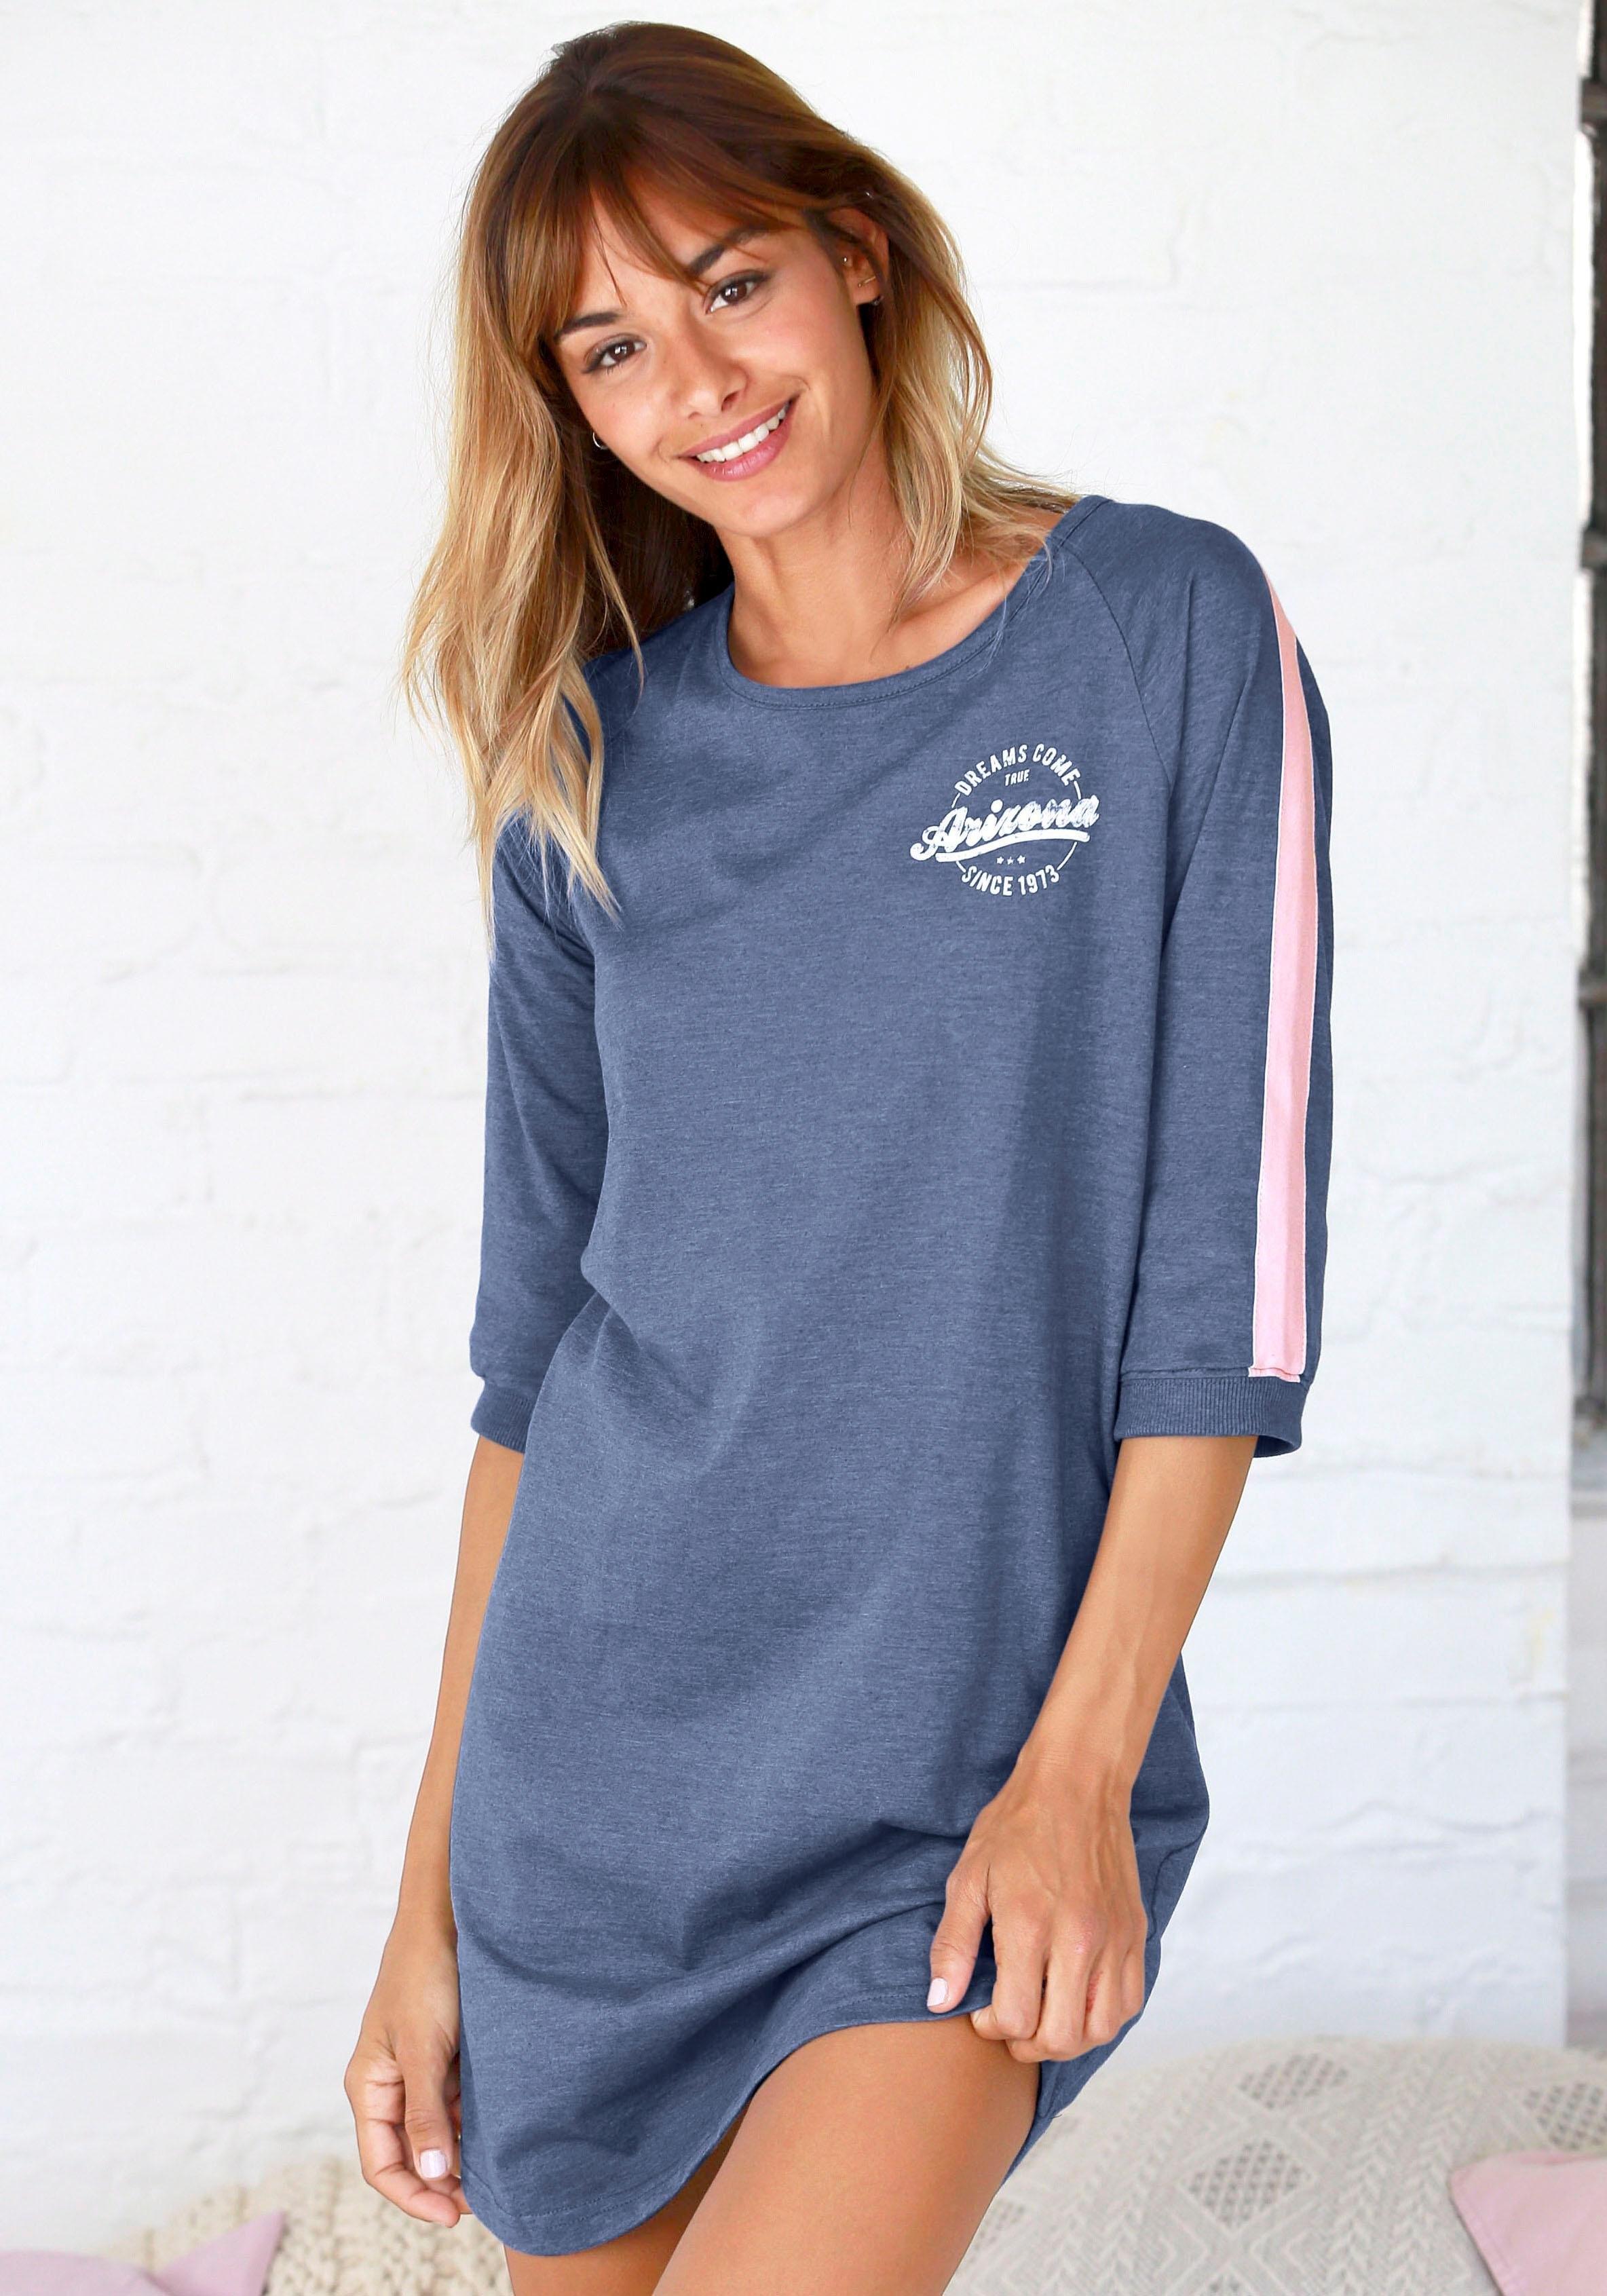 Op zoek naar een ARIZONA nachthemd in college-look met folieprint? Koop online bij Lascana